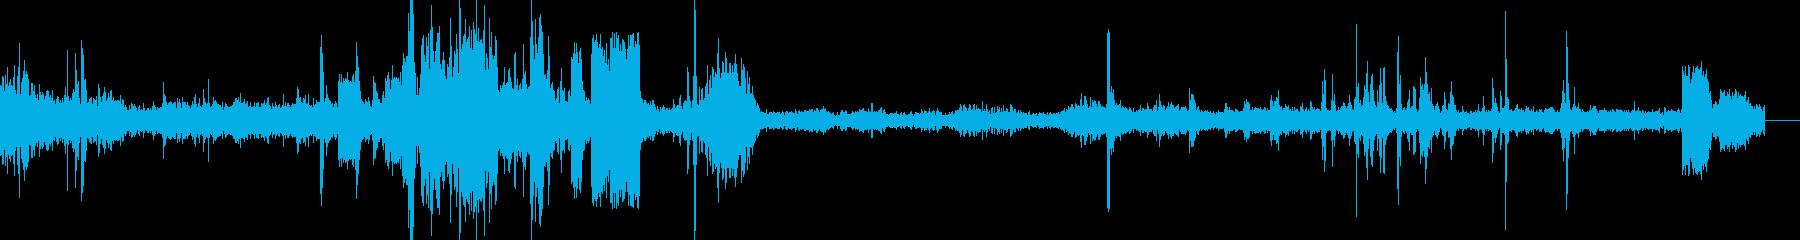 ディーゼル機関車スロースクイーキー...の再生済みの波形